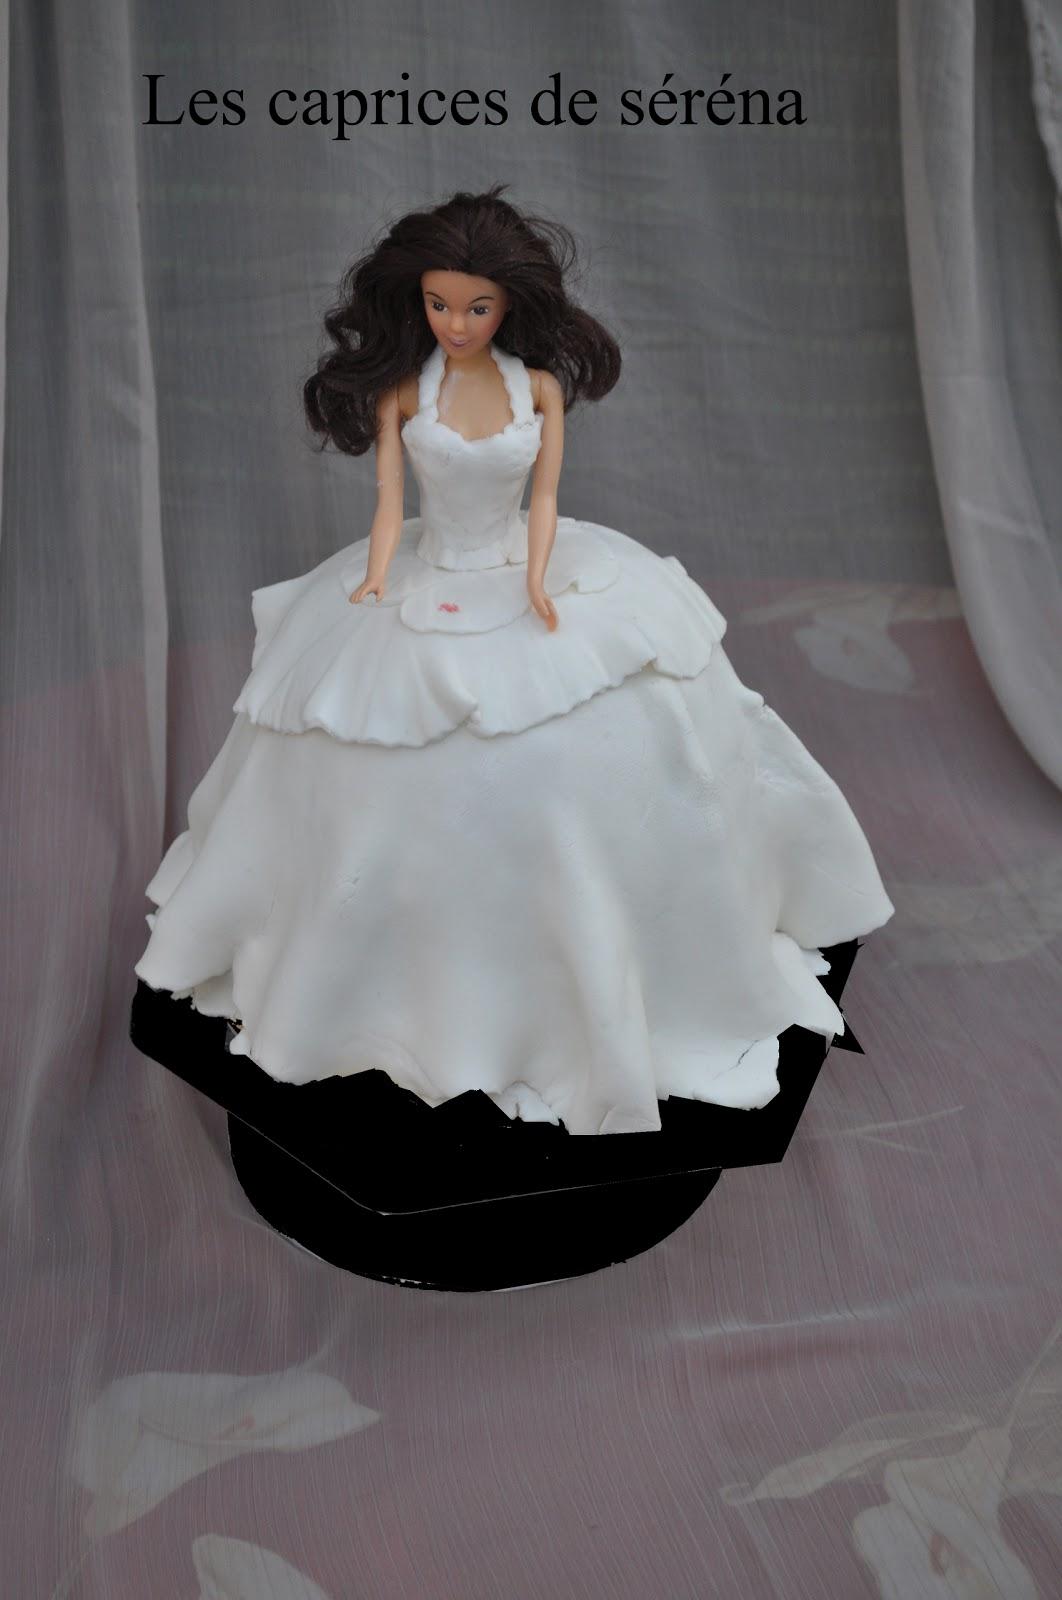 Les caprices de serena g teau barbie mari e - Barbie mariee ...